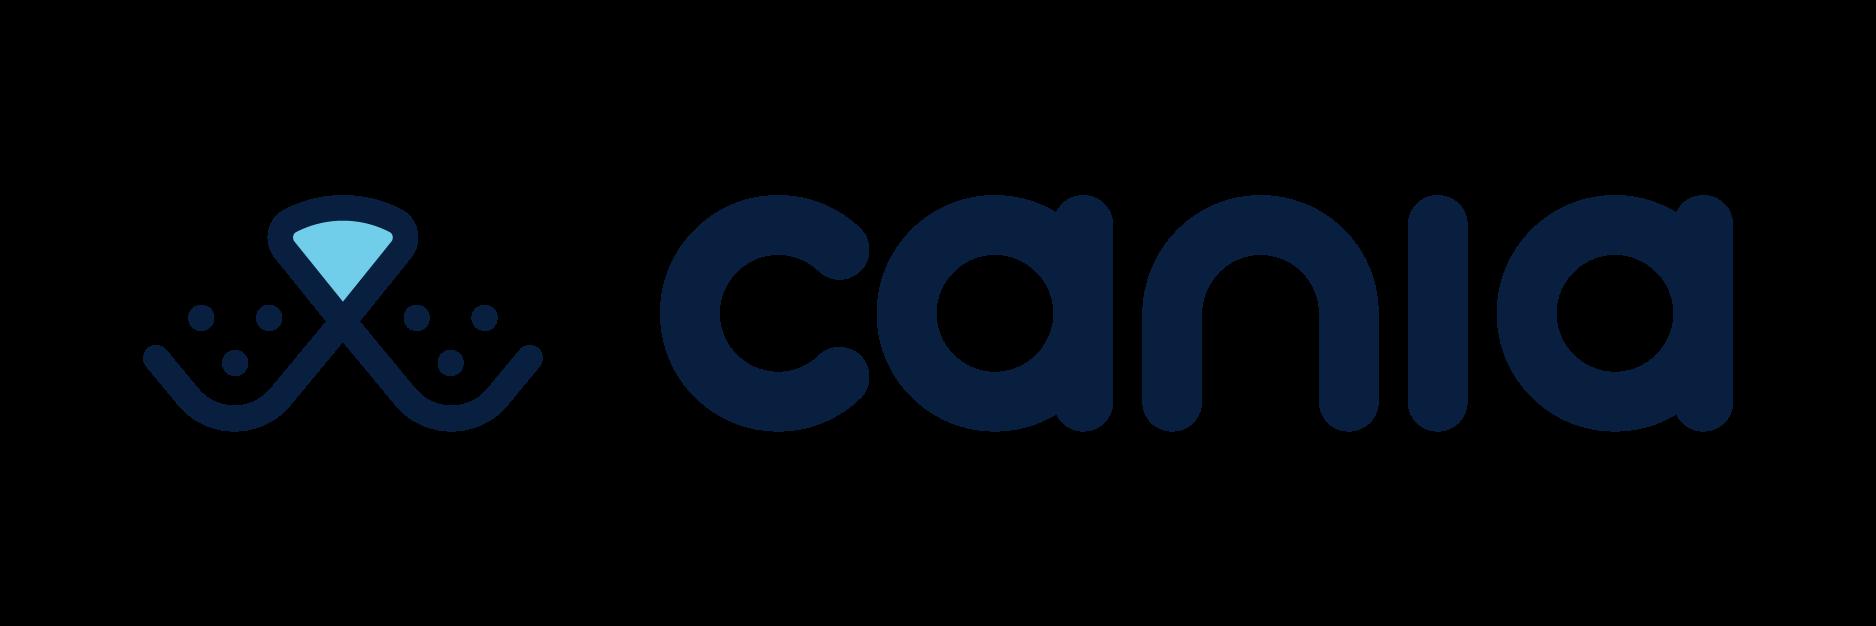 Cania